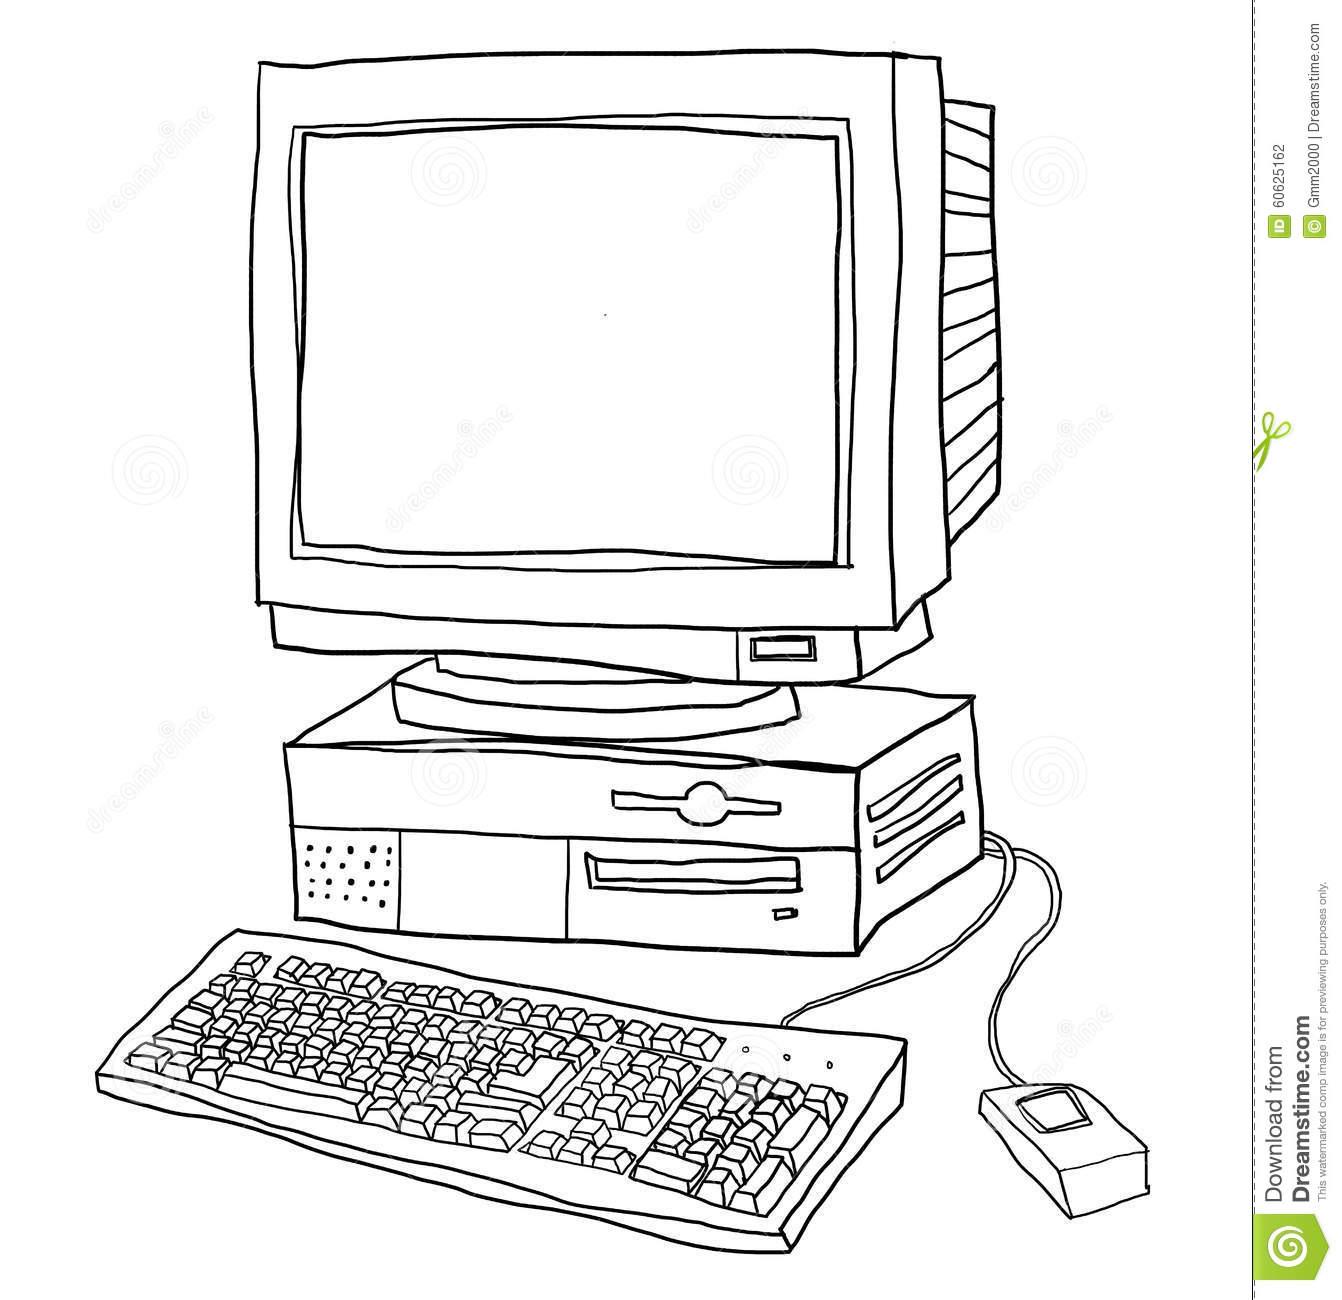 Old Computer Desktop Line Art Illustration Stock Illustration.